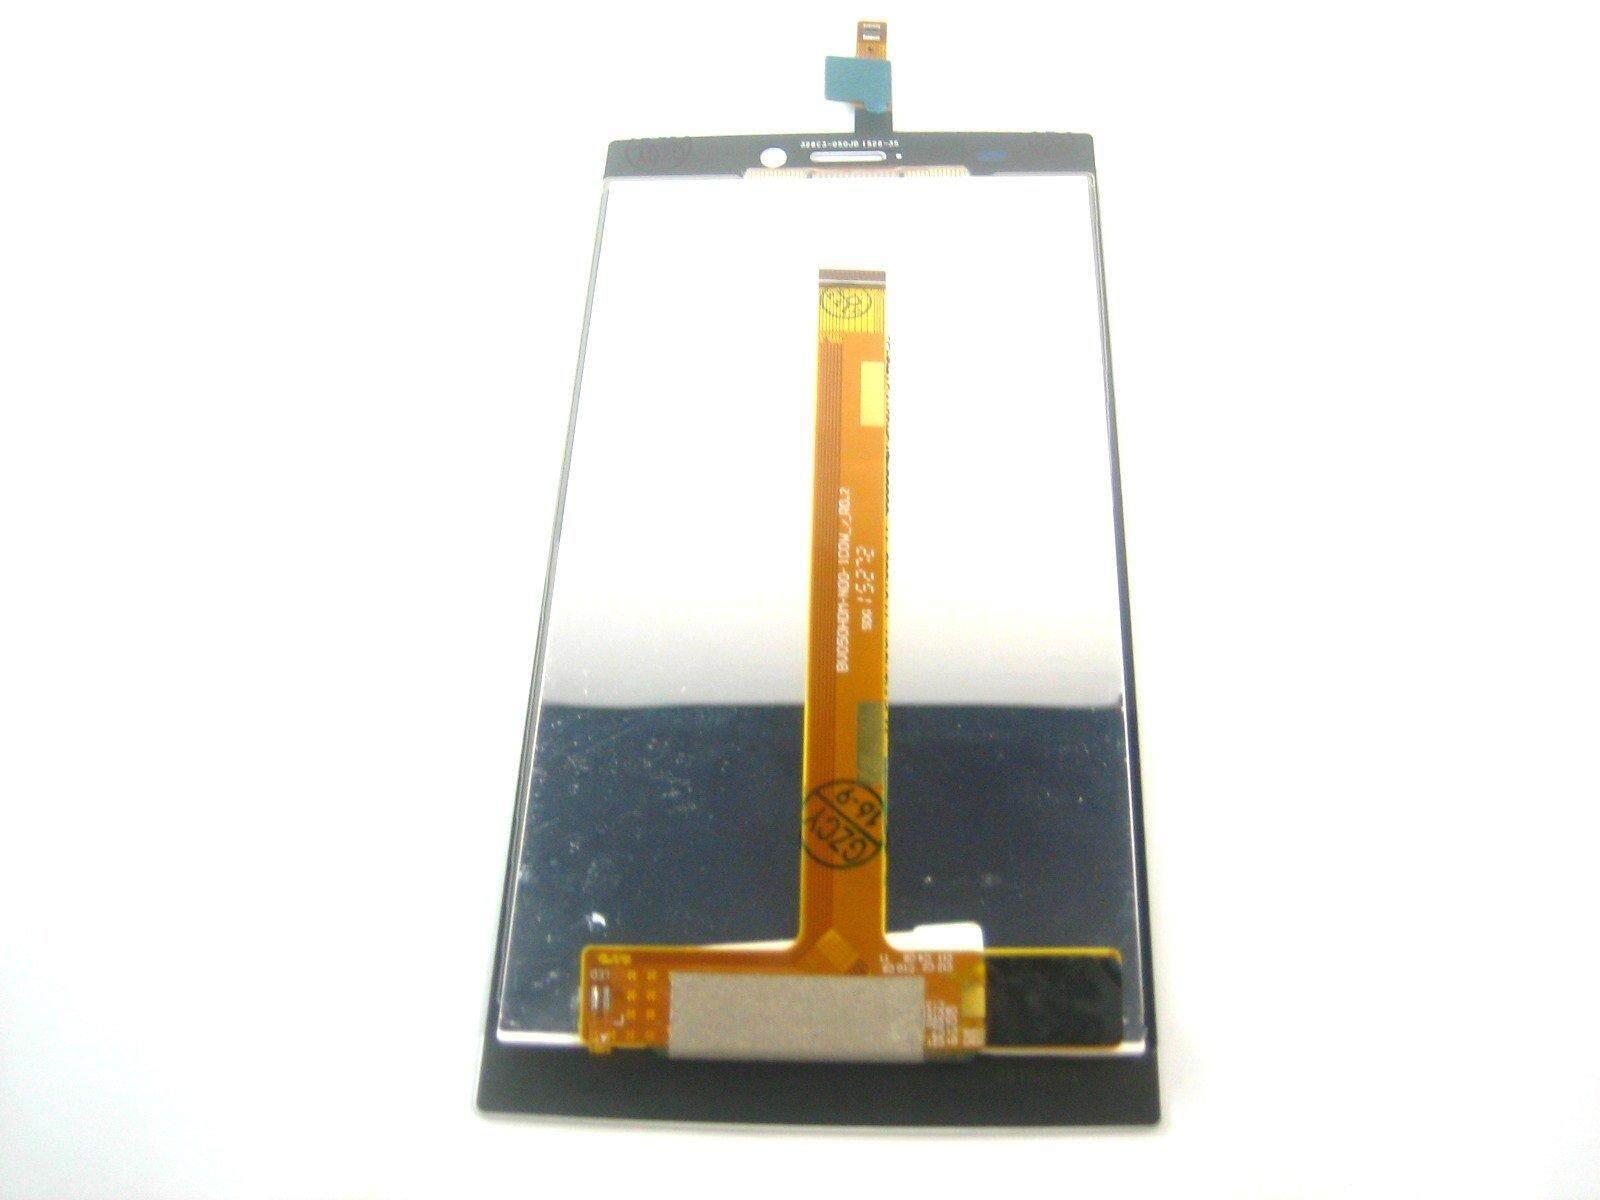 Penuh Layar LCD + Sentuh Layar Digitalisasi untuk Wiko RIDGE FAB 4G ~ Putih